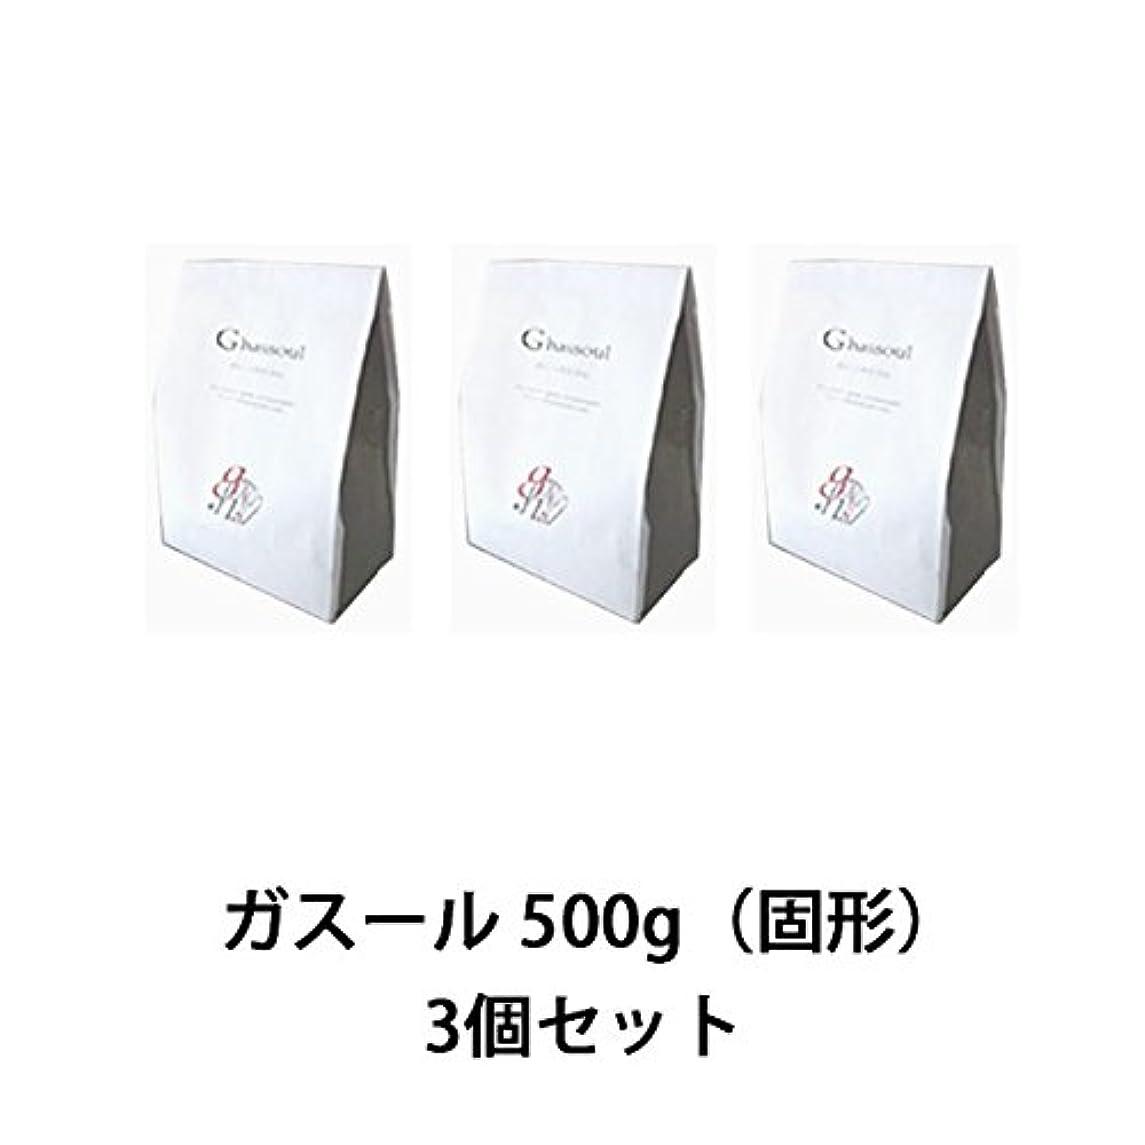 に付ける緩やかな運動【ナイアード】ガスール 固形 500g ×3個セット